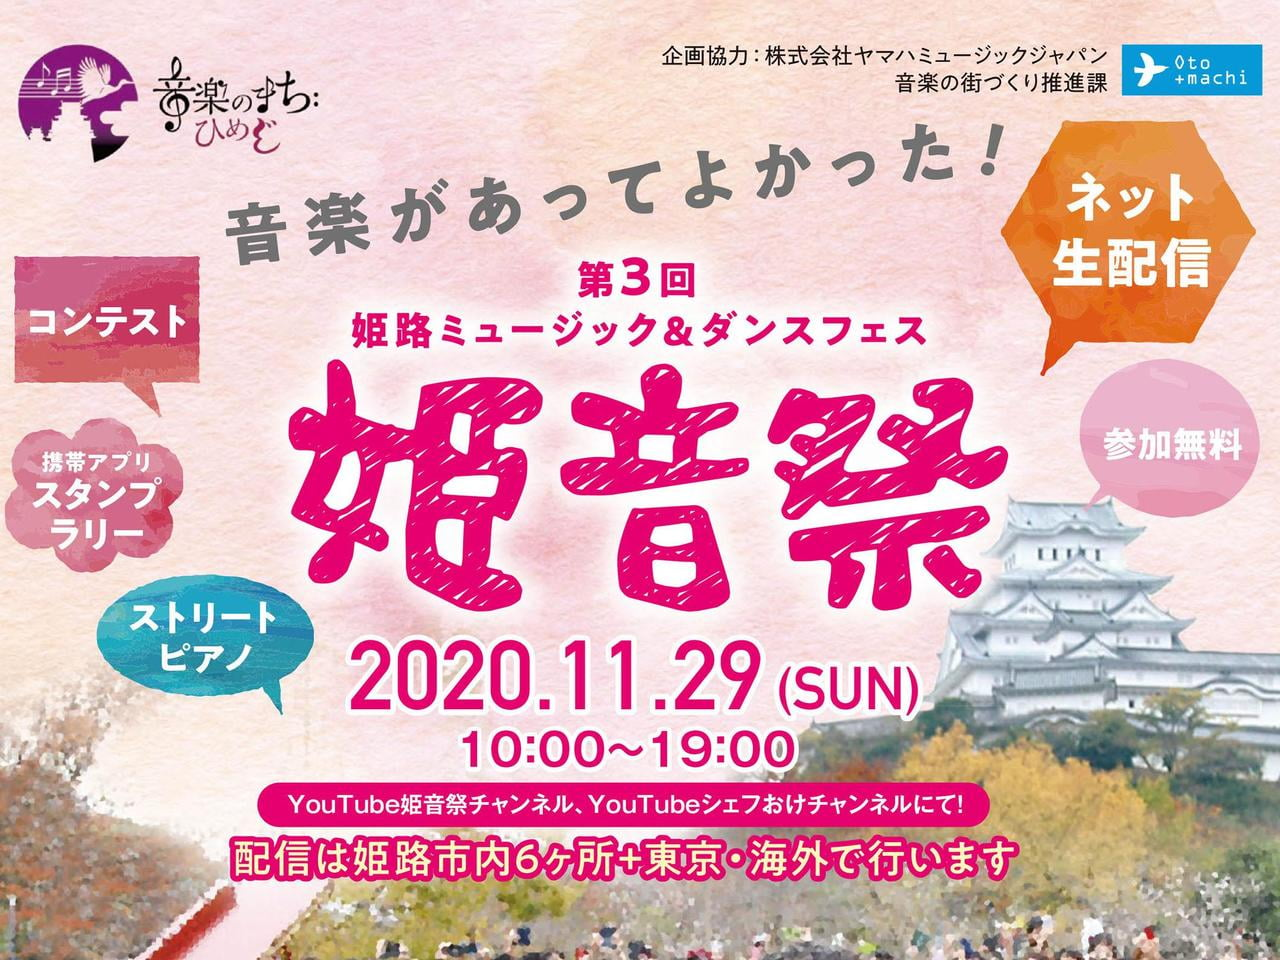 第3回 姫路ミュージック&ダンスフェス 姫音祭 2020【イベント参加無料】